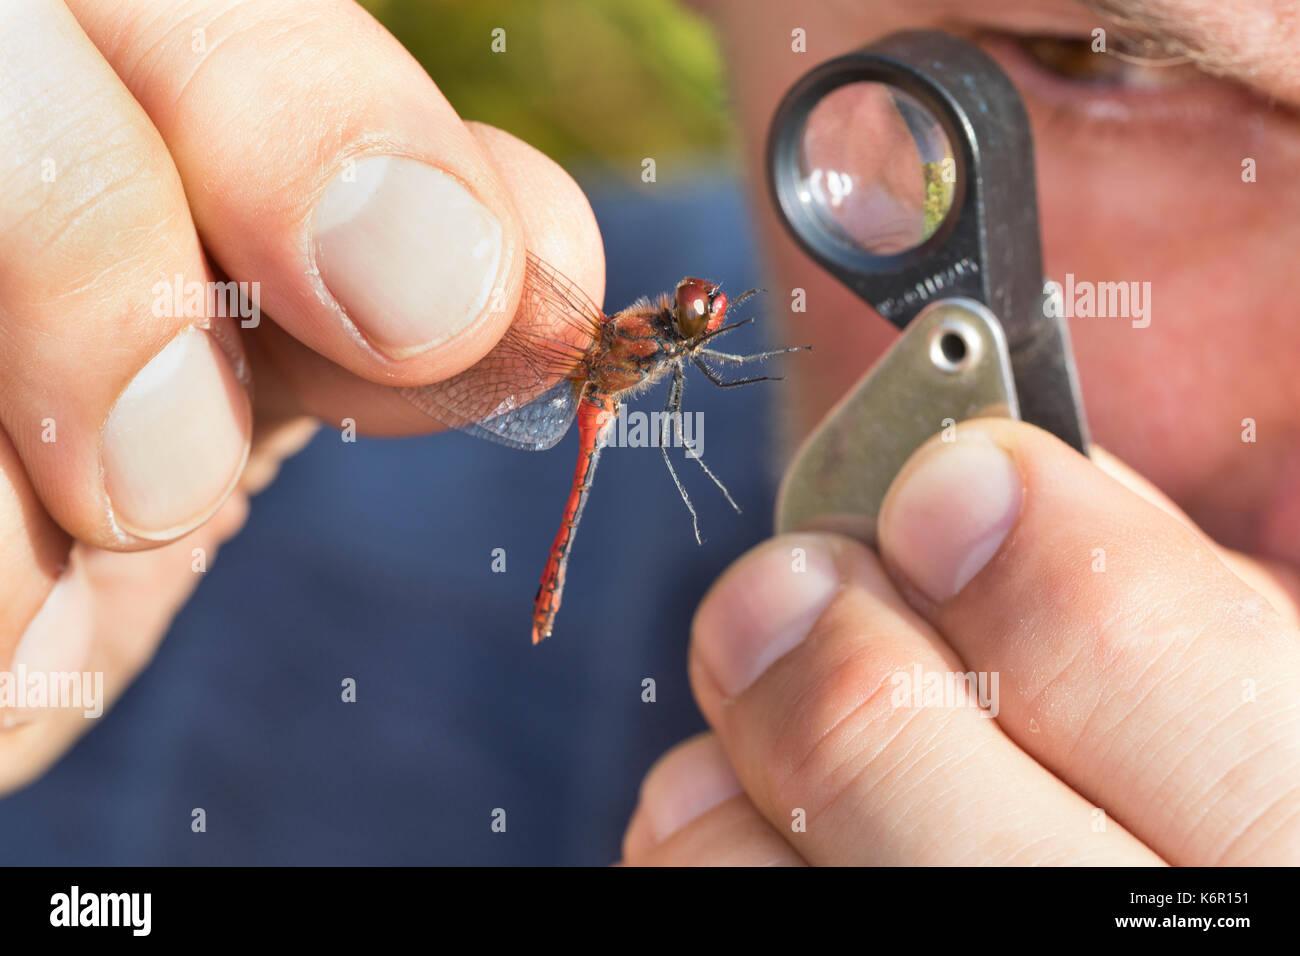 Libellen-Bestimmung, gefangene Libelle wird vorsichtig zwischen zwei Fingern gehalten und mit einer Lupe, Einschlaglupe untersucht, Entomologie, Biolo - Stock Image